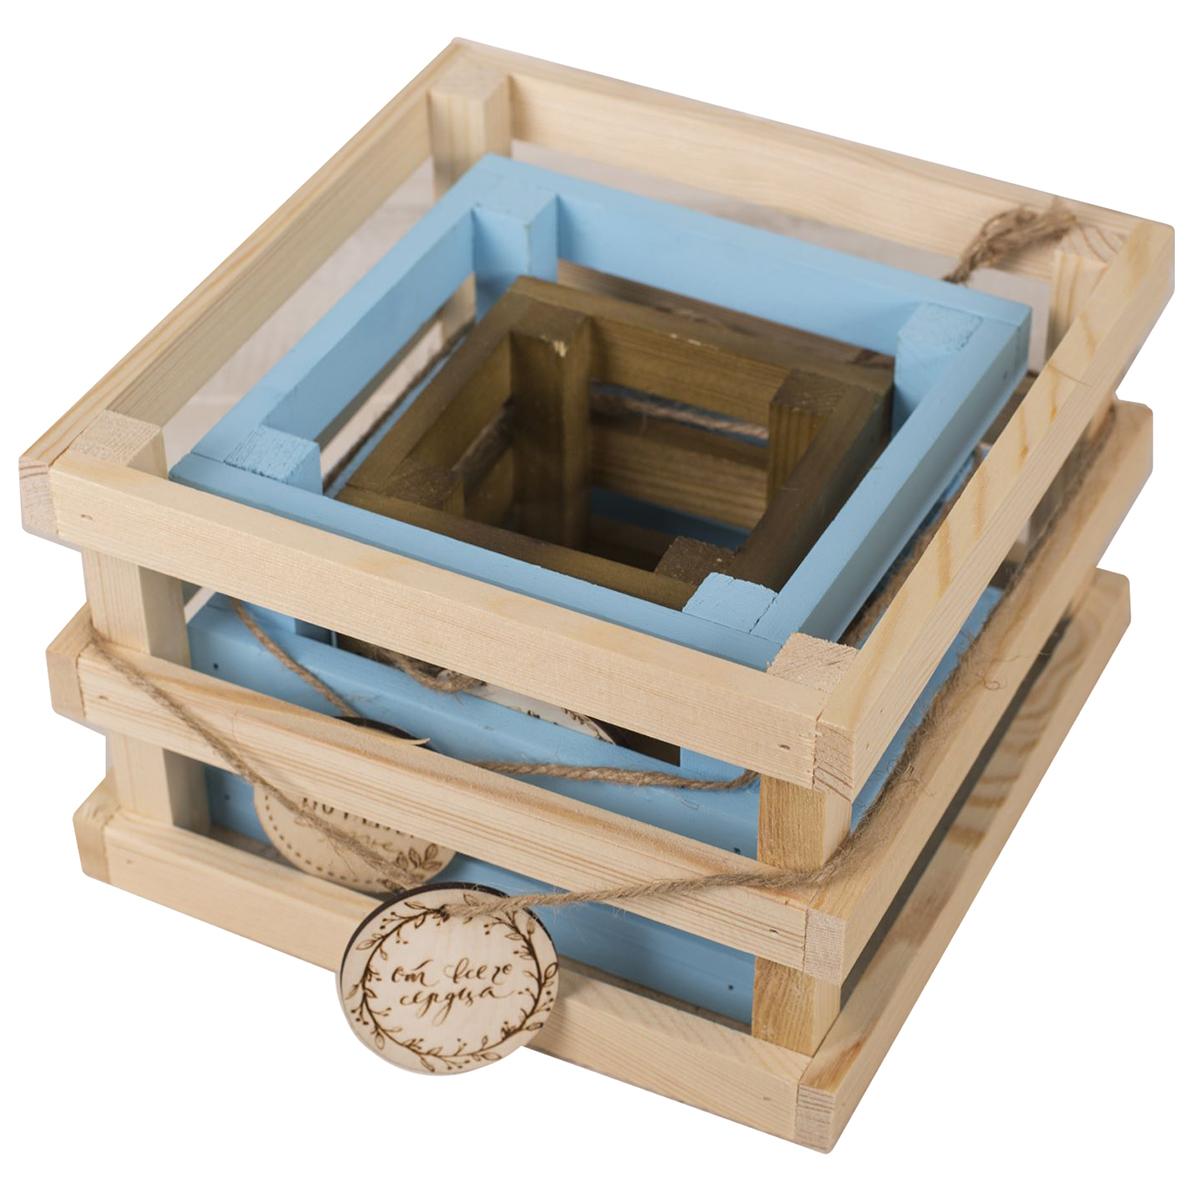 Набор деревянных ящиков Дарите Счастье От всего сердца, для цветов, 3 шт2589461Каждому хозяину периодически приходит мысль обновить свою квартиру, сделать ремонт, перестановку или кардинально поменять внешний вид каждой комнаты. Набор деревянных ящиков— привлекательная деталь, которая поможет воплотить вашу интерьерную идею, создать неповторимую атмосферу в вашем доме. Окружите себя приятными мелочами, пусть они радуют глаз и дарят гармонию.